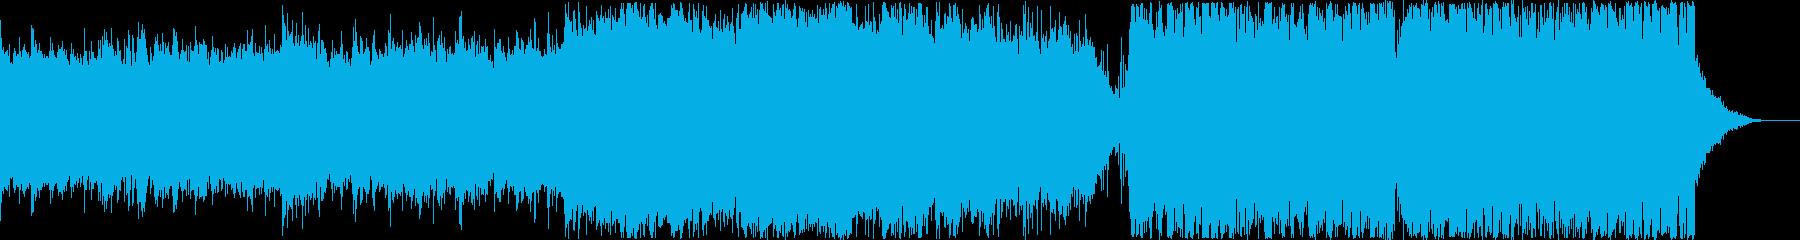 ギターリフが特徴的なキレイめEDMの再生済みの波形